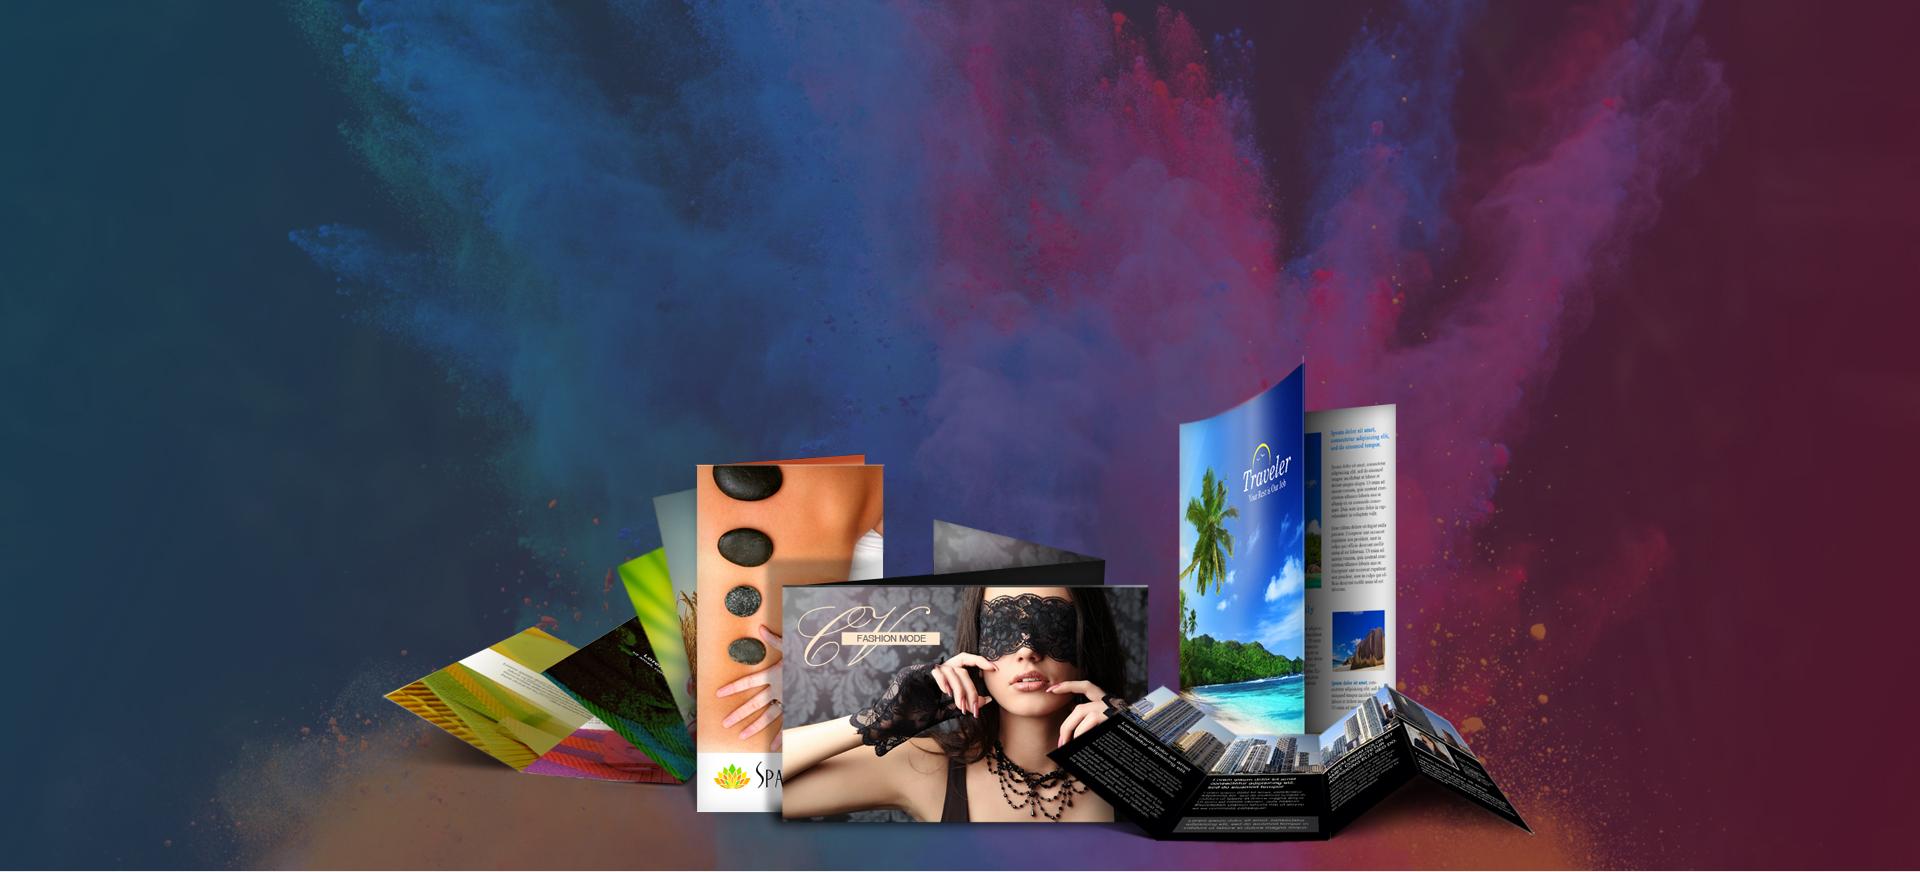 peek-imaging-digital-printing-business-cards-flyers